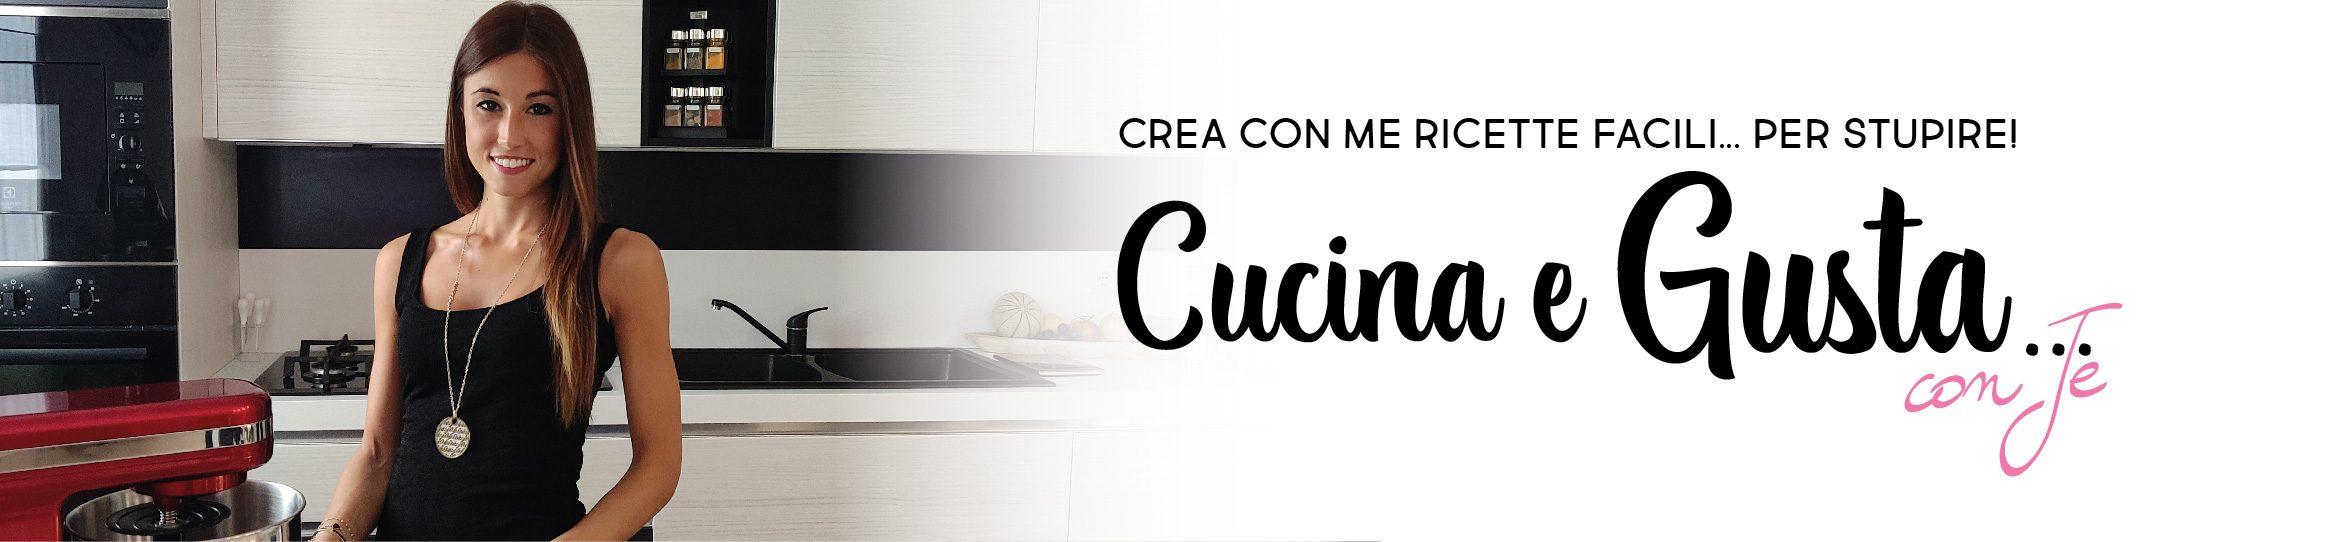 Cucina e Gusta… con Je